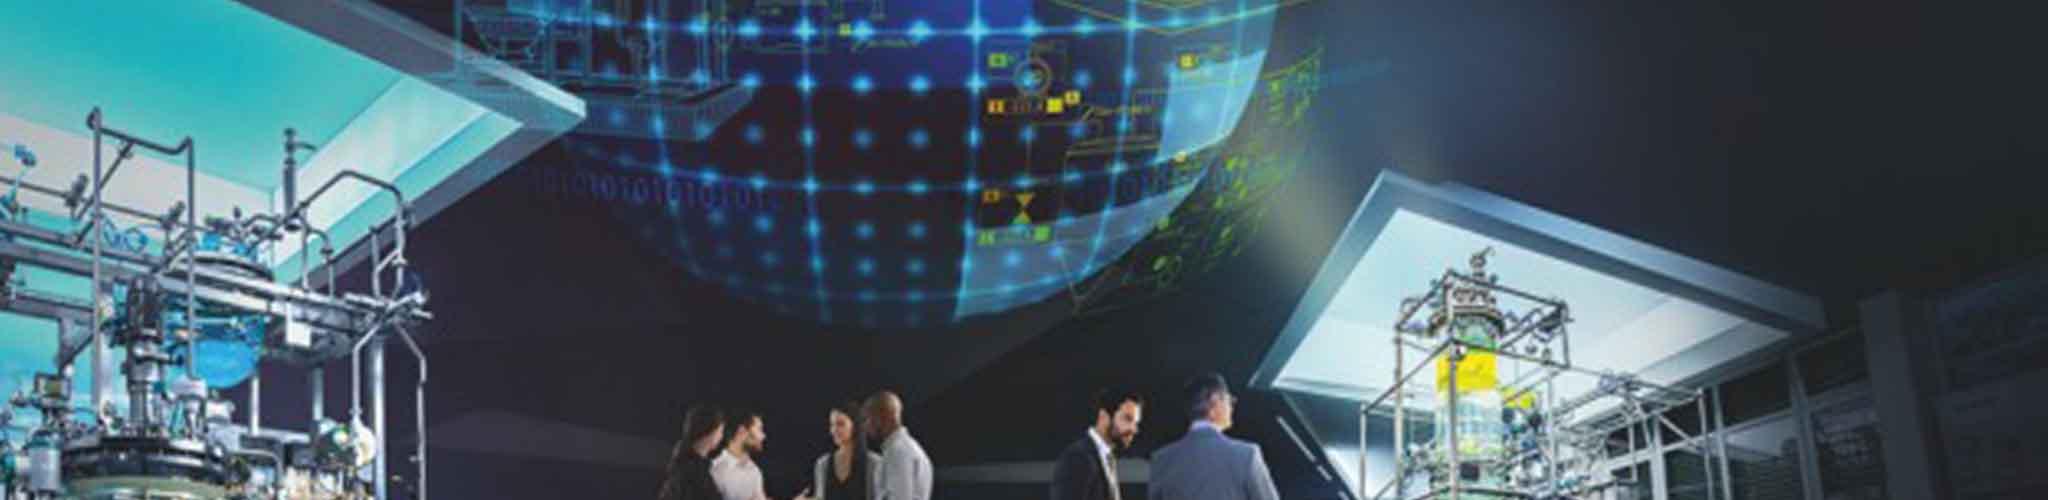 Gestionar una industria con un ERP para Fabricación Industrial